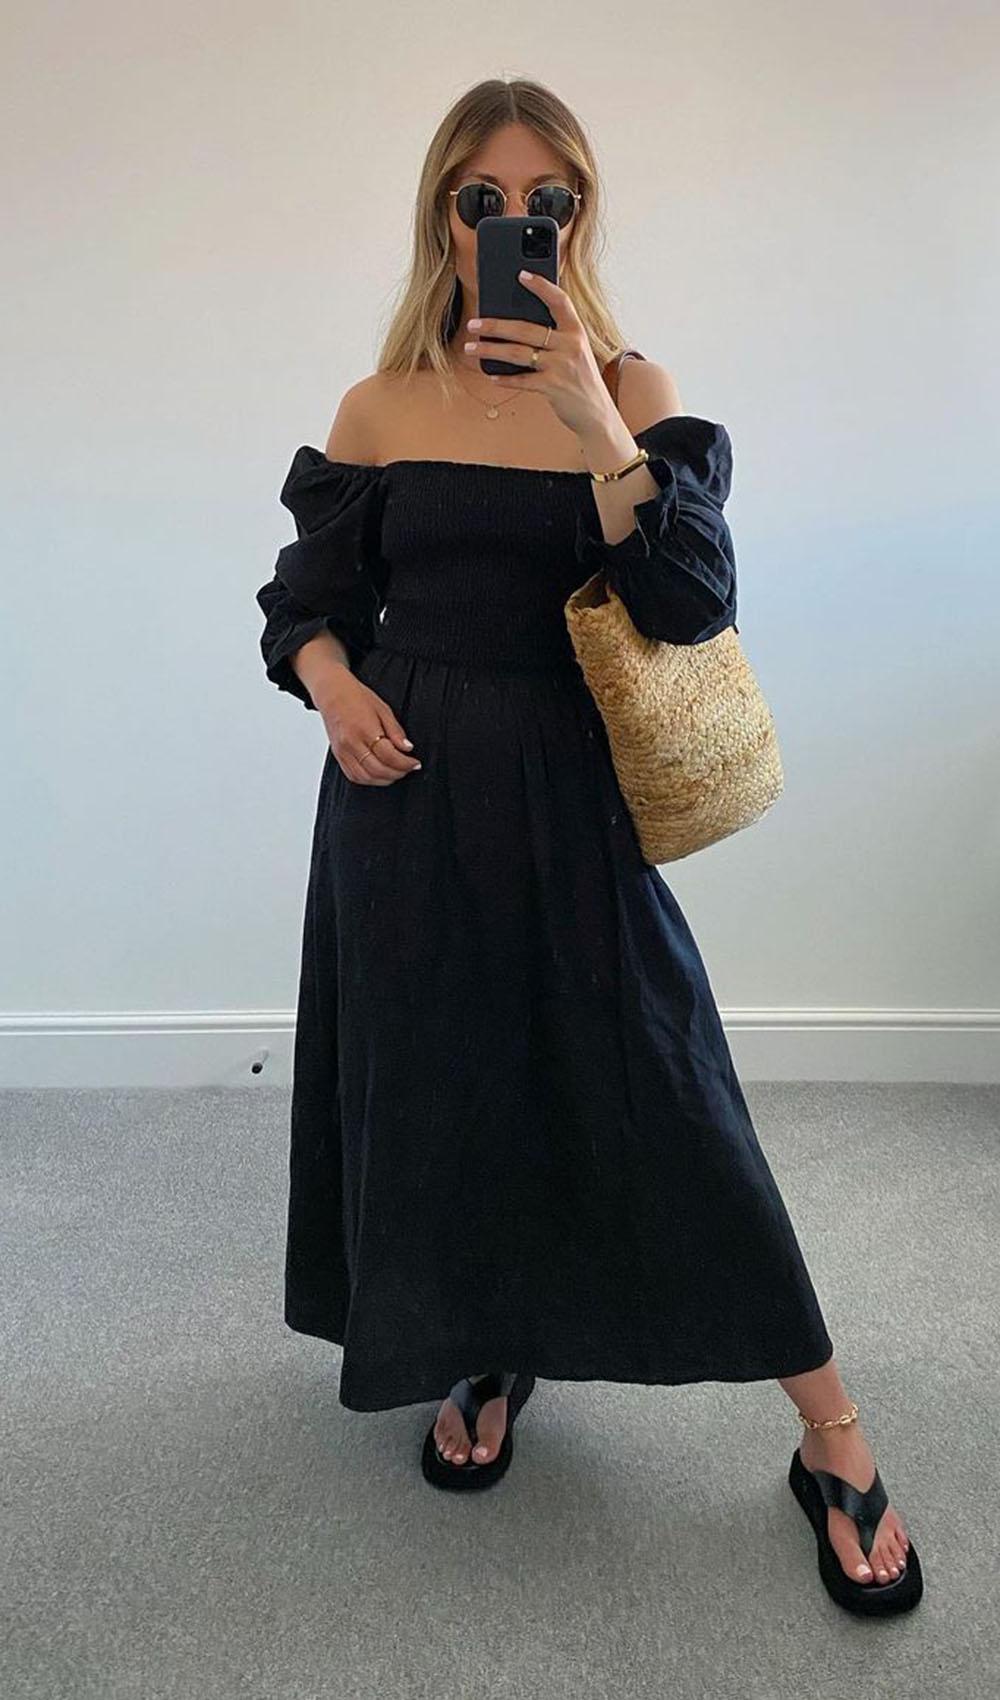 chinela plataforma, vestidlo longo preto com decote ombro a ombro e bolsa de palha